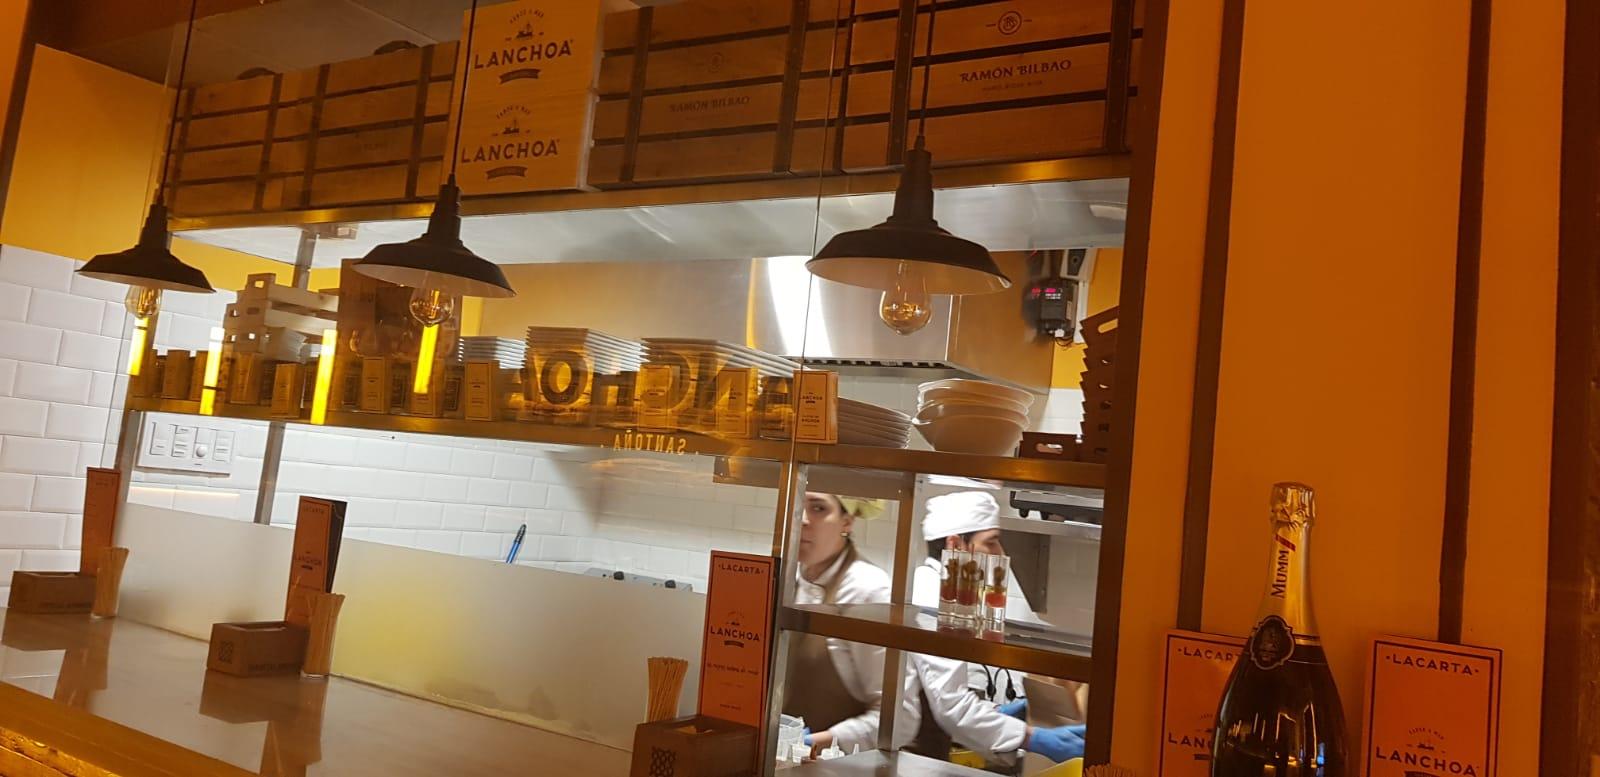 diseño-fabricación-instalación-proyecto-de-maquinaria-accesorios-menaje-mobiliario-acero-inox-inoxidable-restaurante-La-Anchoa-en-Madrid-sistema-extracción-de-humos-plano-hosteleria-interiorismo